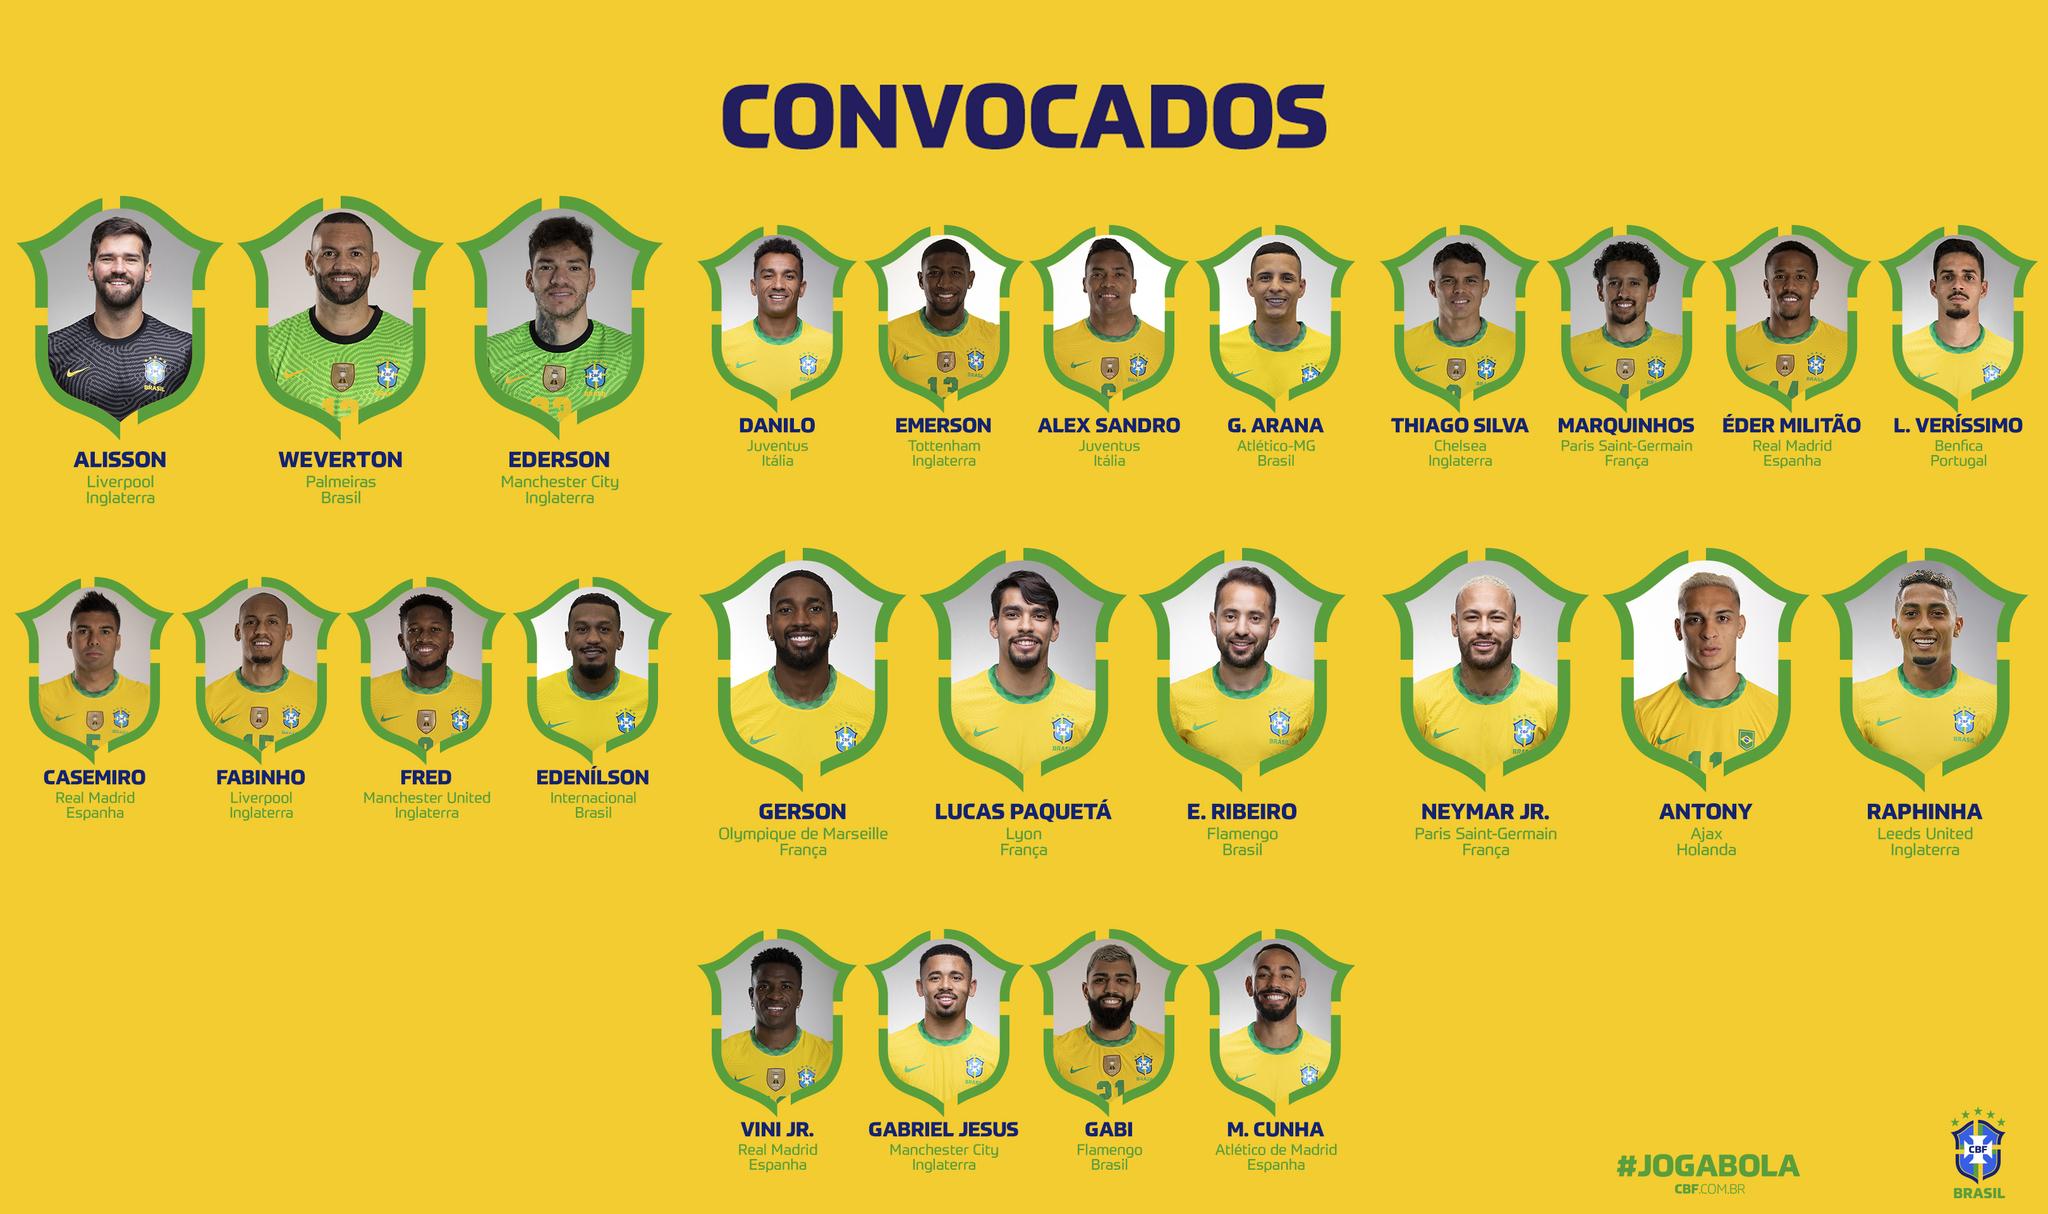 Los 25 convocados por la Selección de Fútbol de Brasil.